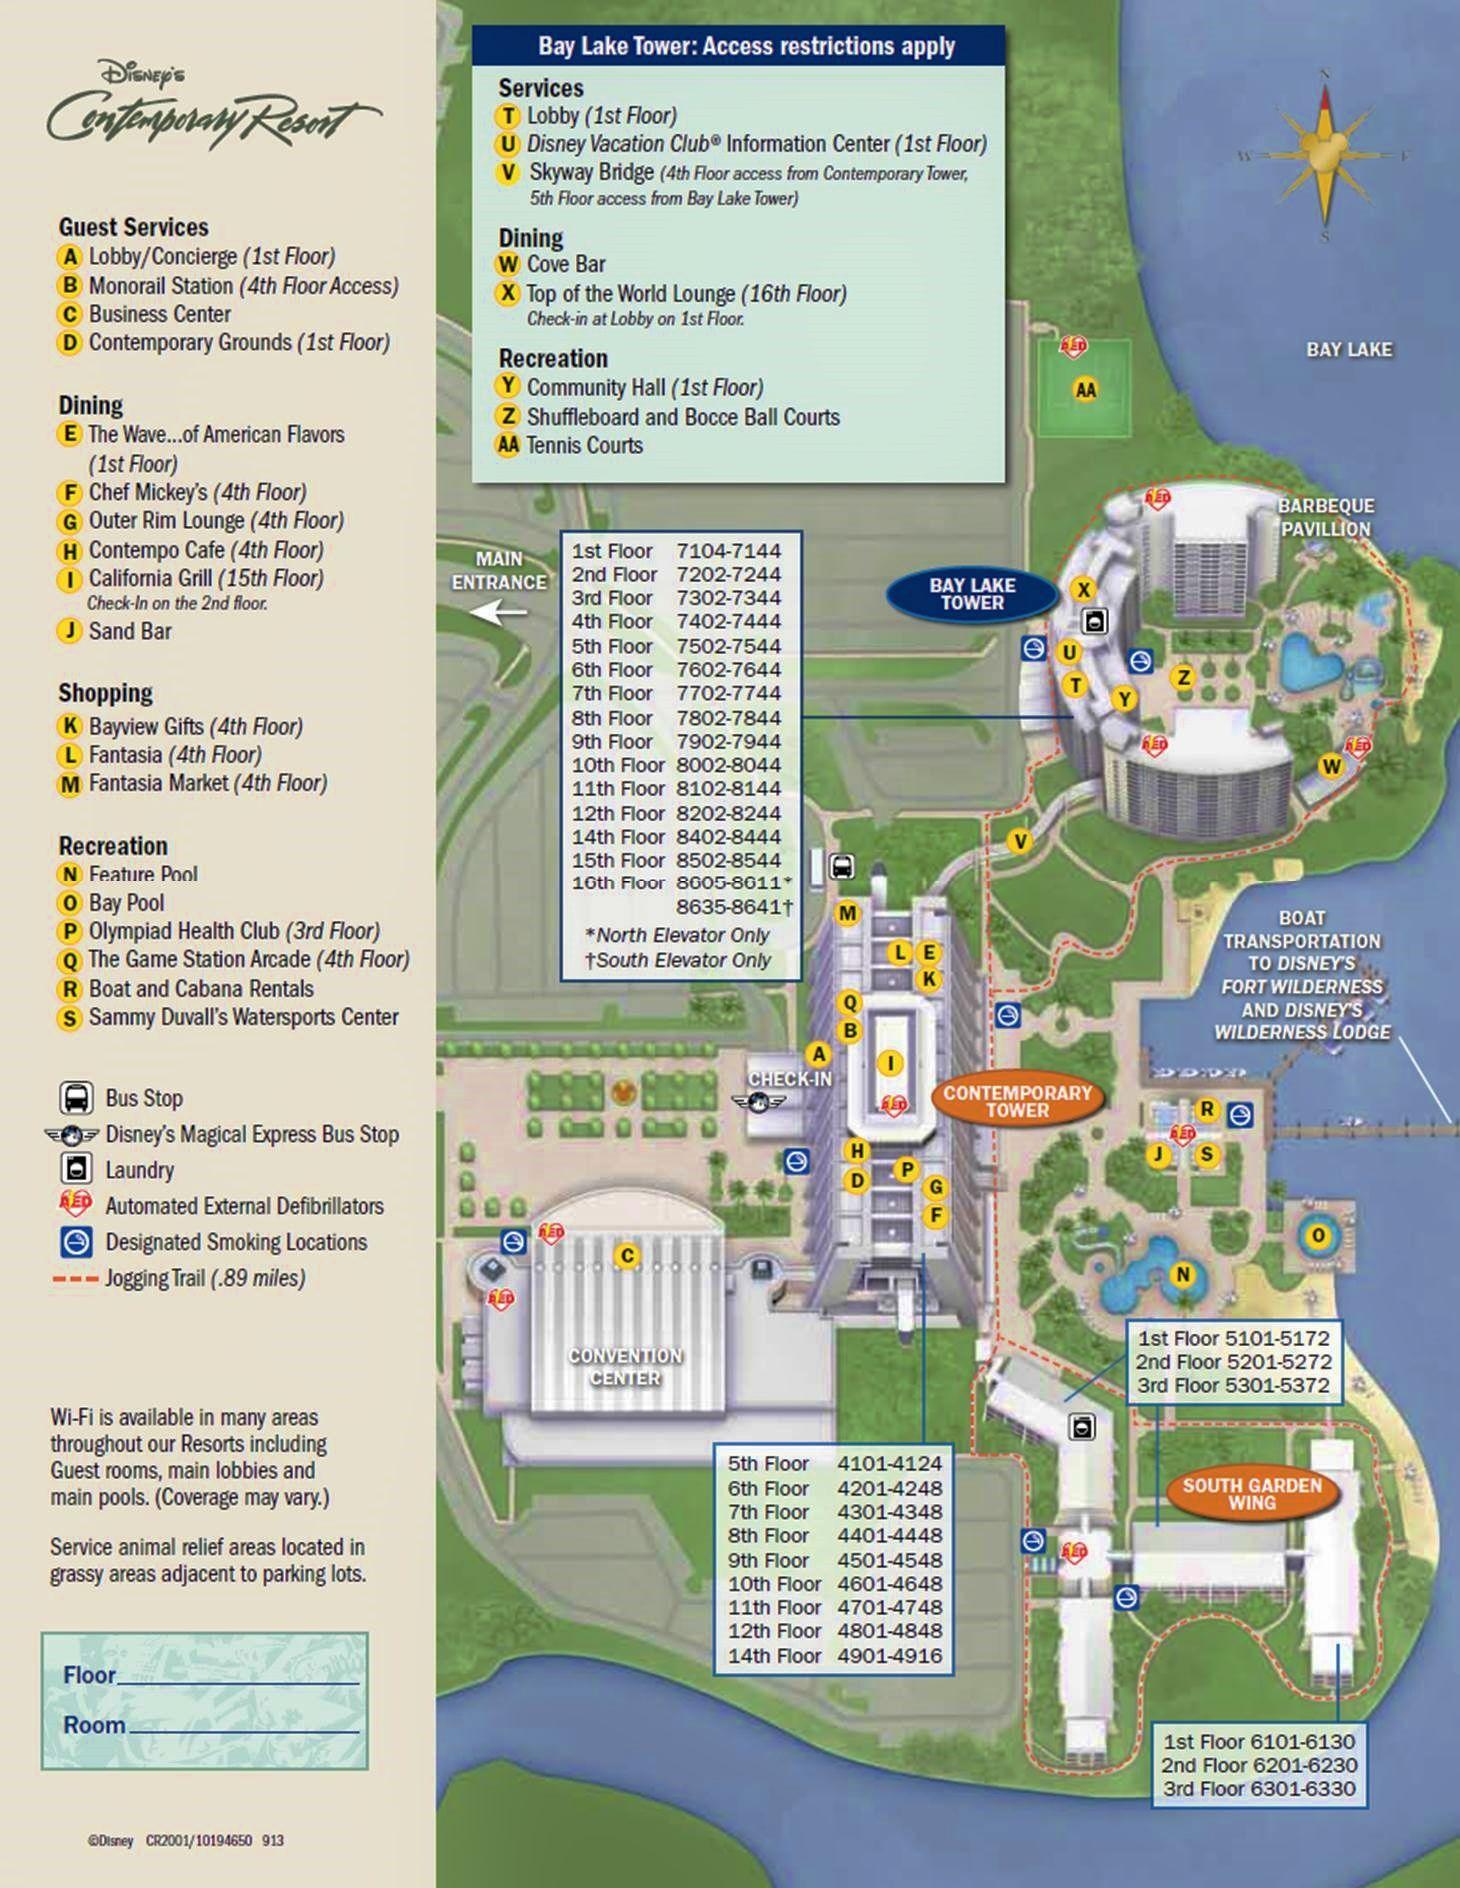 bay lake tower room map Review Bay Lake Tower At Disney S Contemporary Resort Disney bay lake tower room map